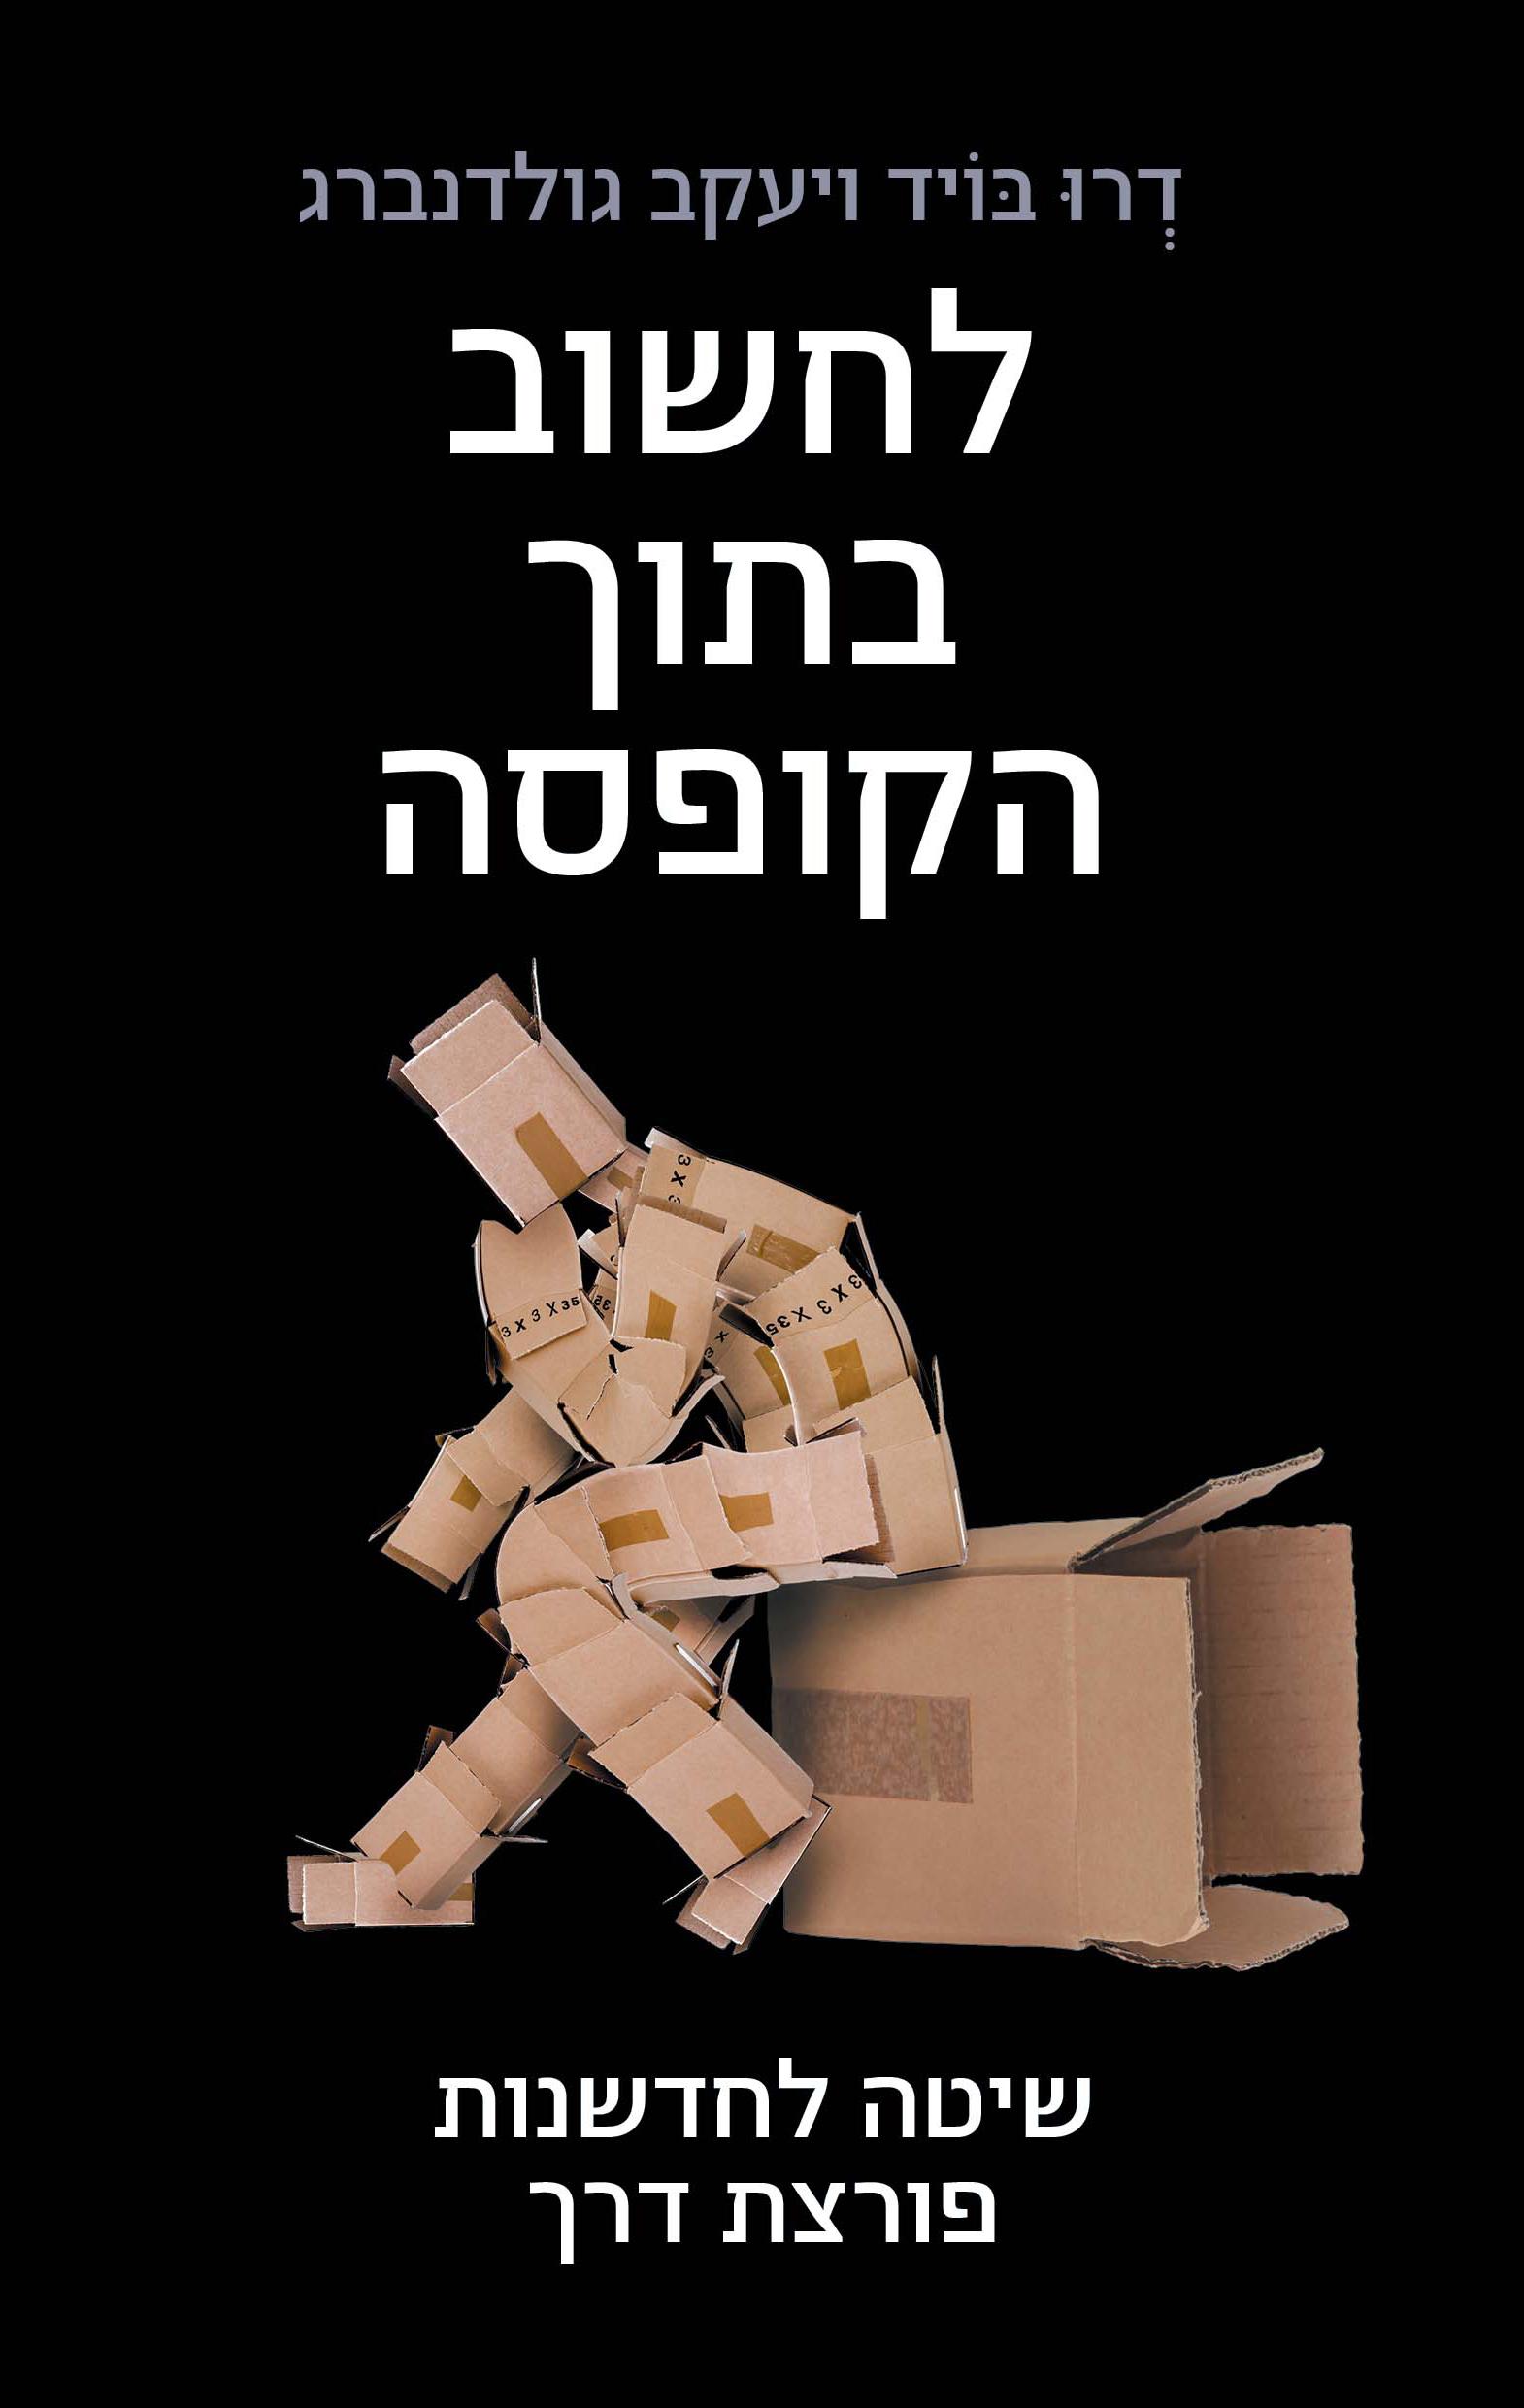 לחשוב בתוך הקופסה